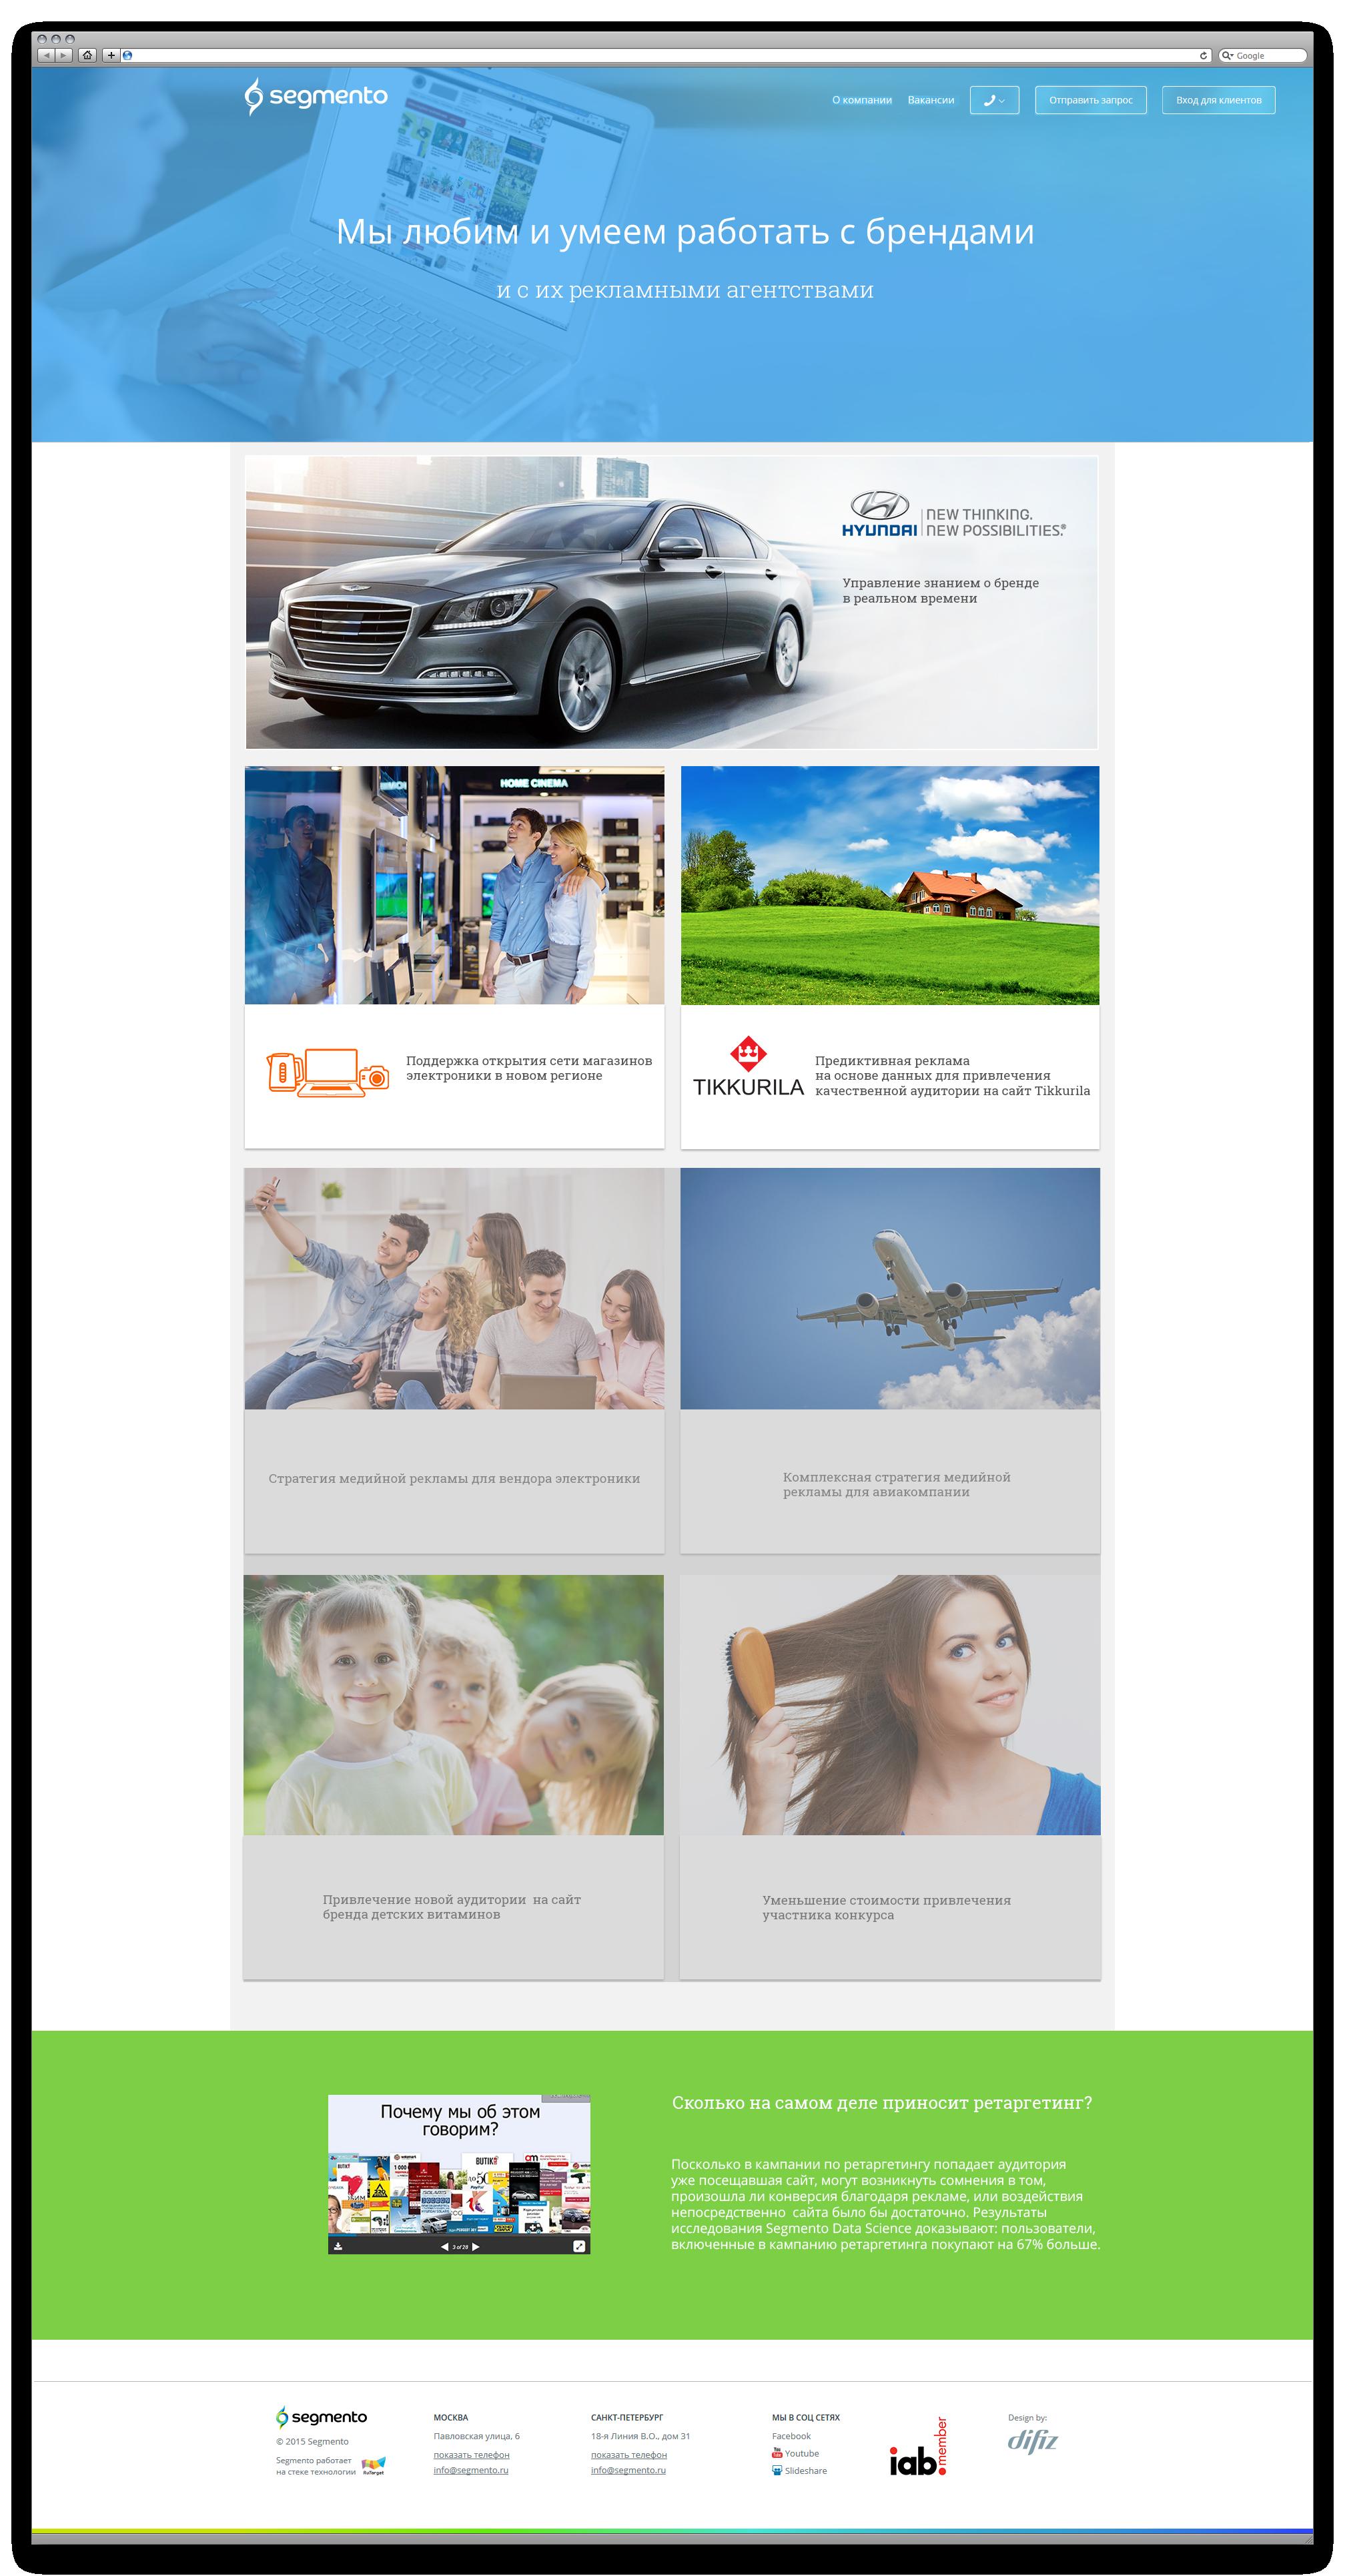 Промо-страница представляющая новые кейсы компании Segmento